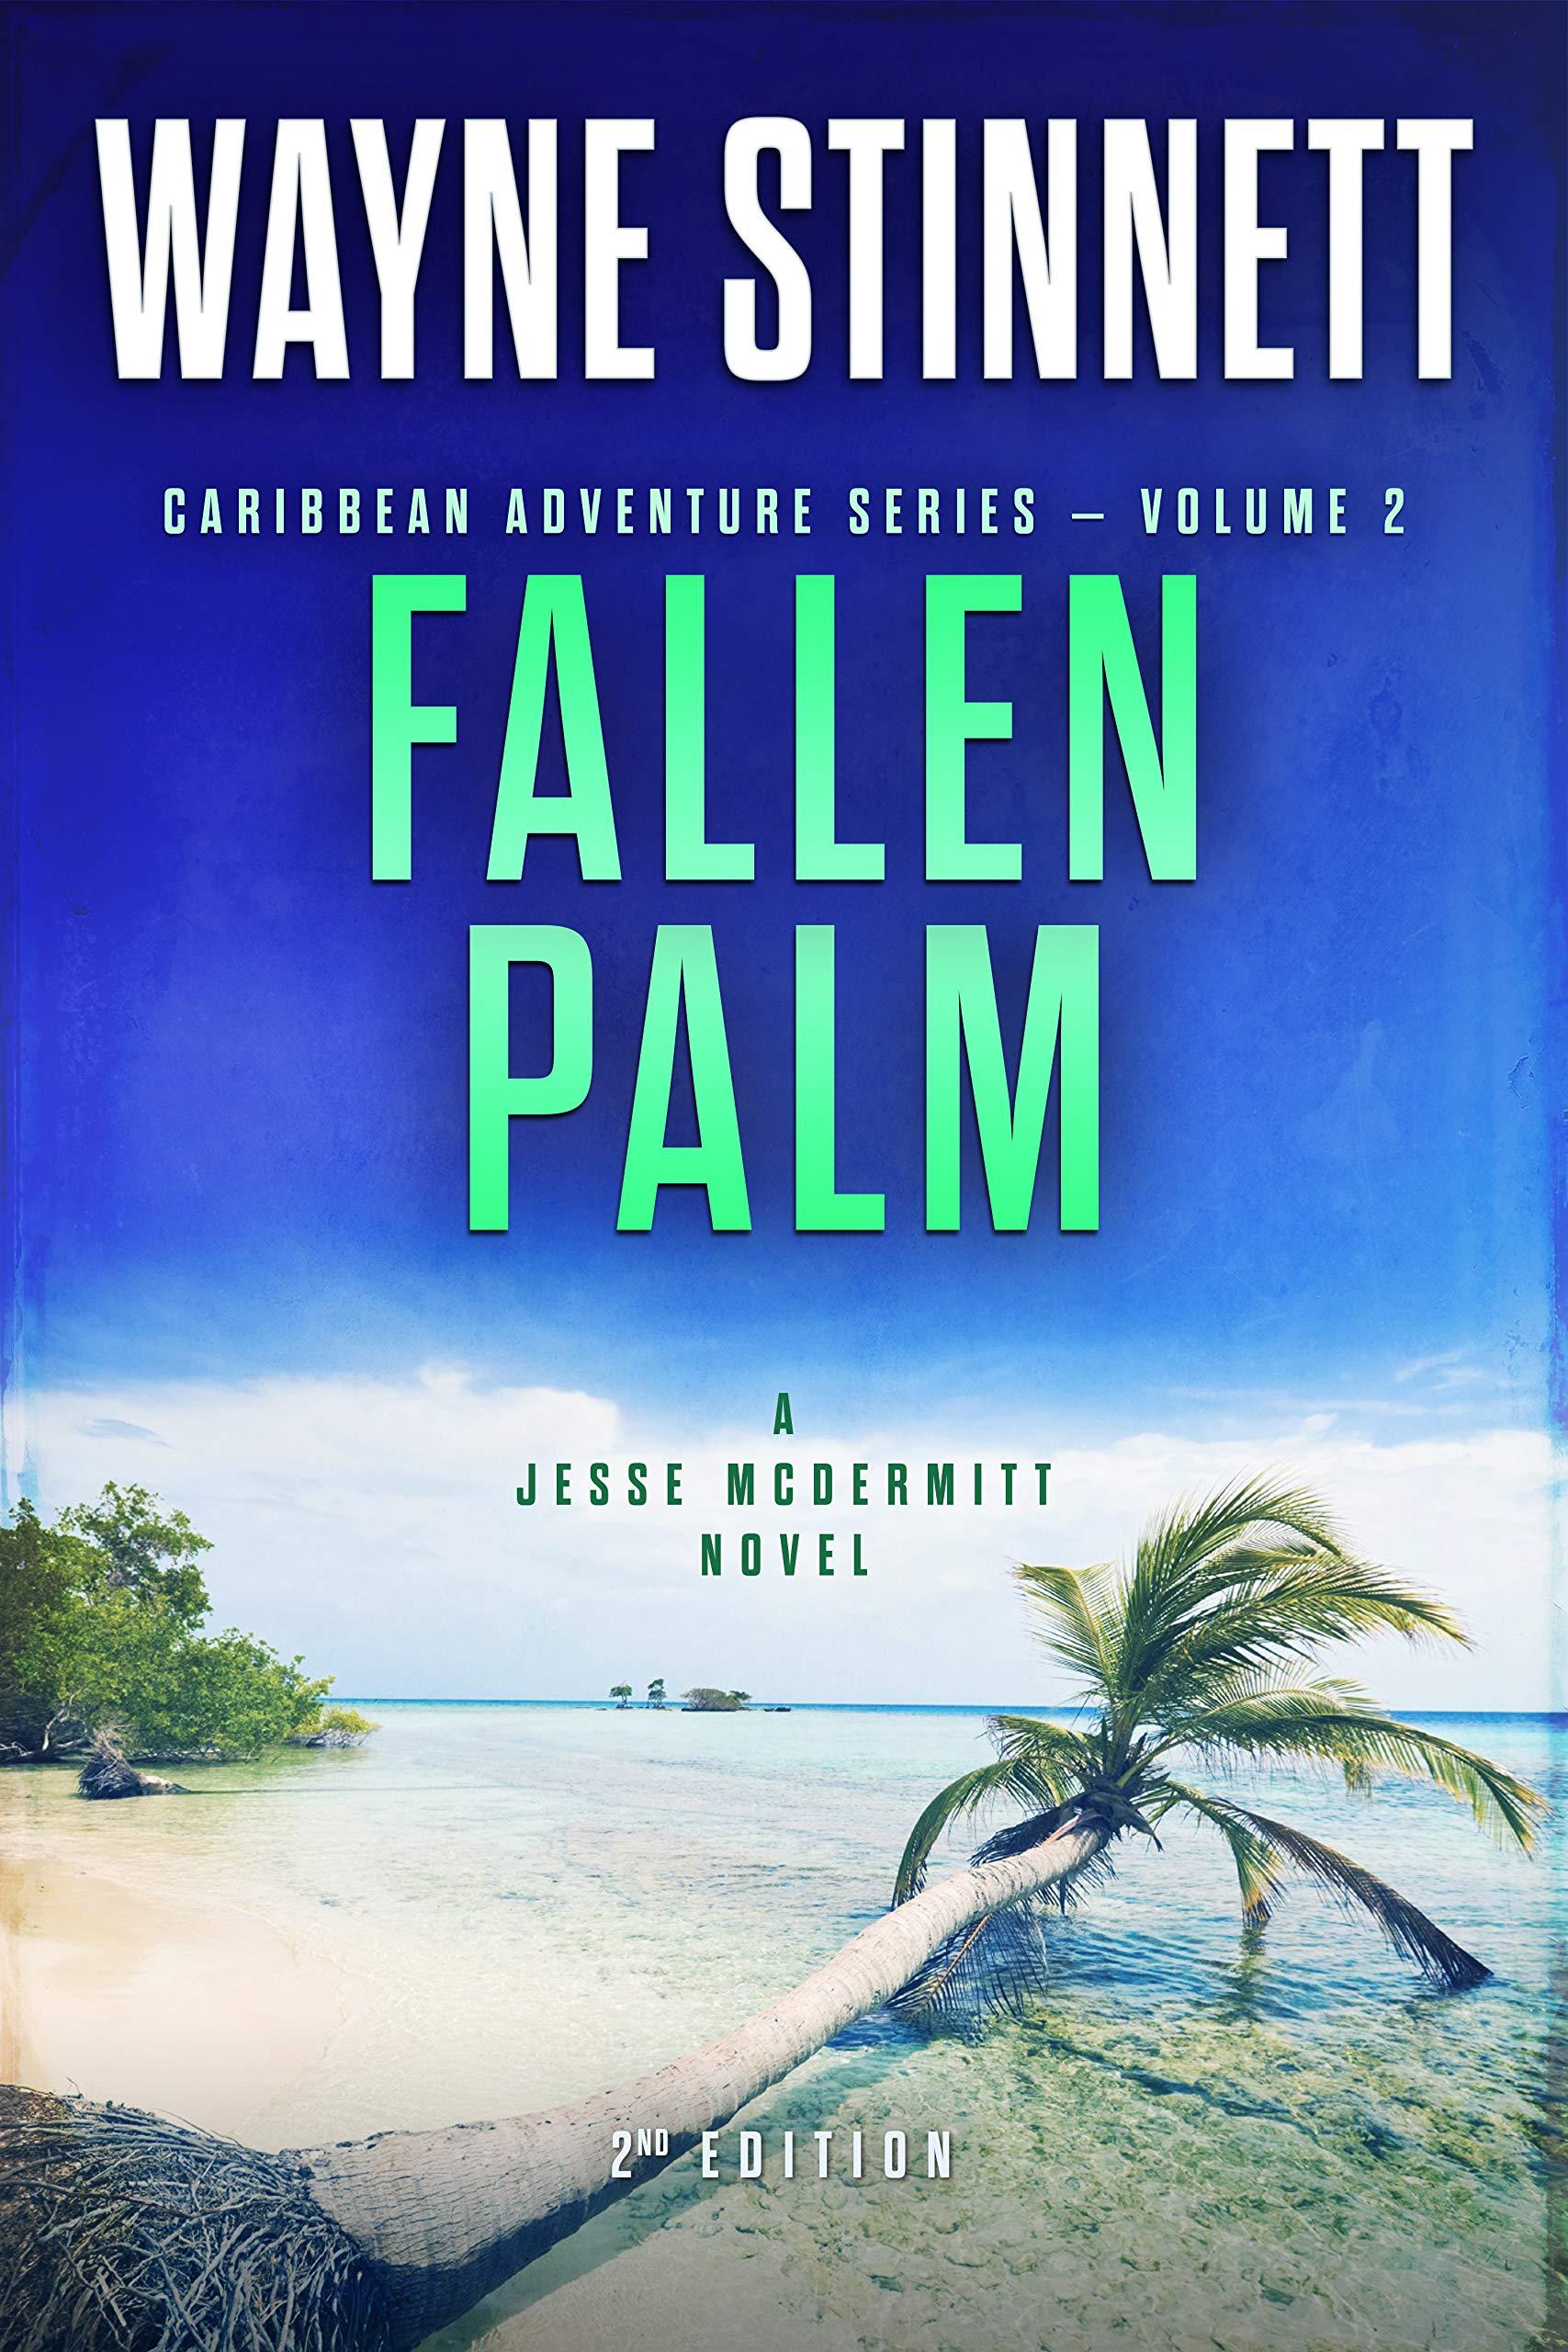 Fallen Palm: A Jesse McDermitt Novel (Caribbean Adventure Series Book 2) por Wayne Stinnett